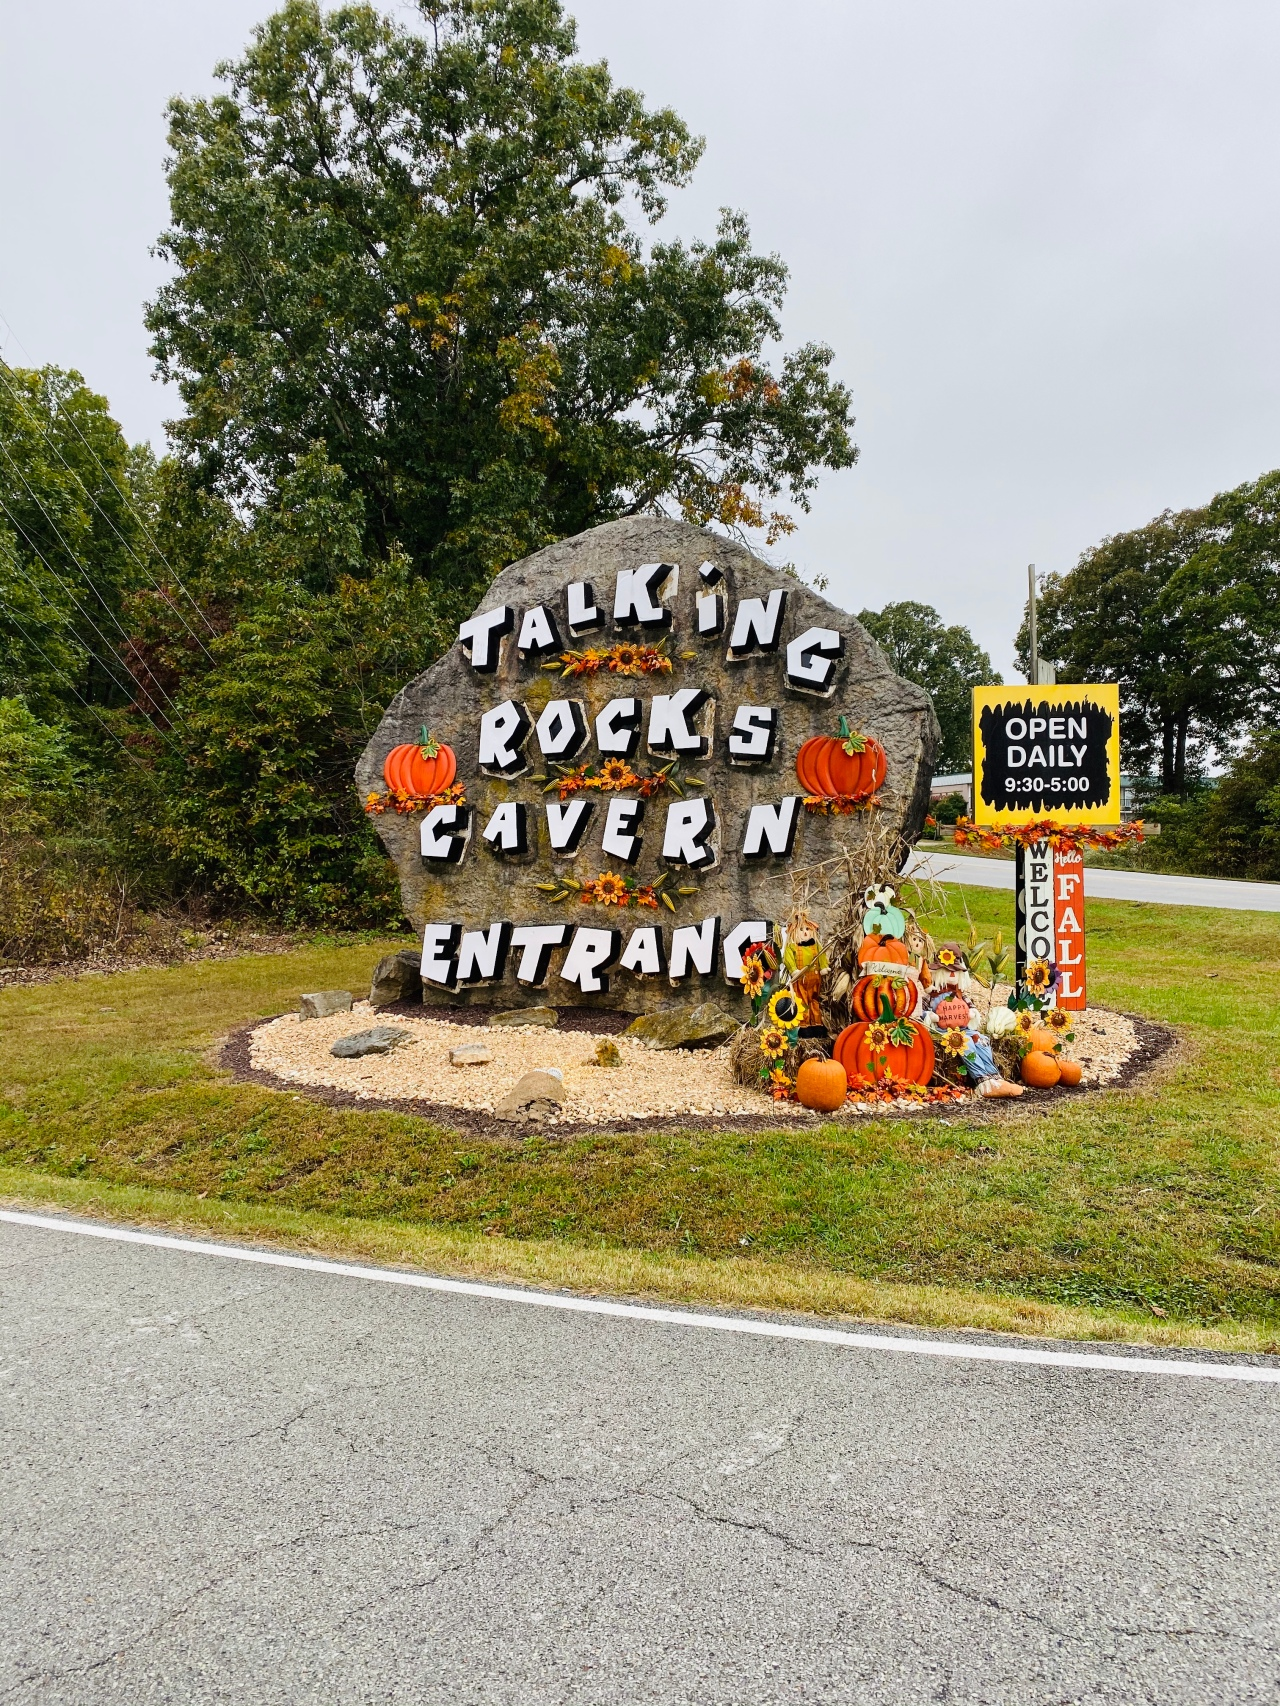 Talking Rocks Cavern –Missouri